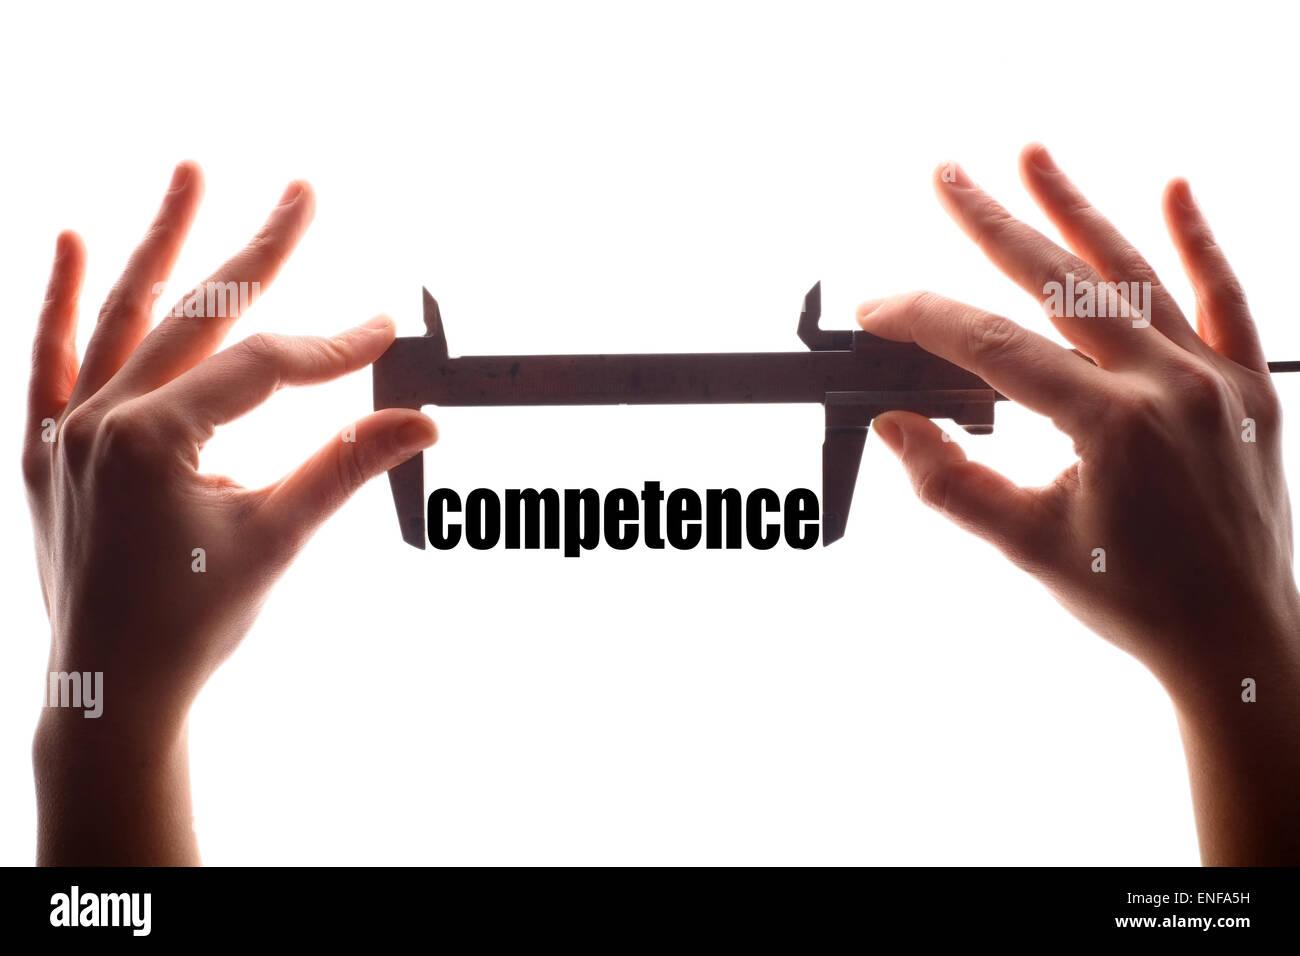 """Farbe der horizontalen Schuss von zwei Hände halten ein Bremssattel und messen das Wort """"Kompetenz"""". Stockbild"""